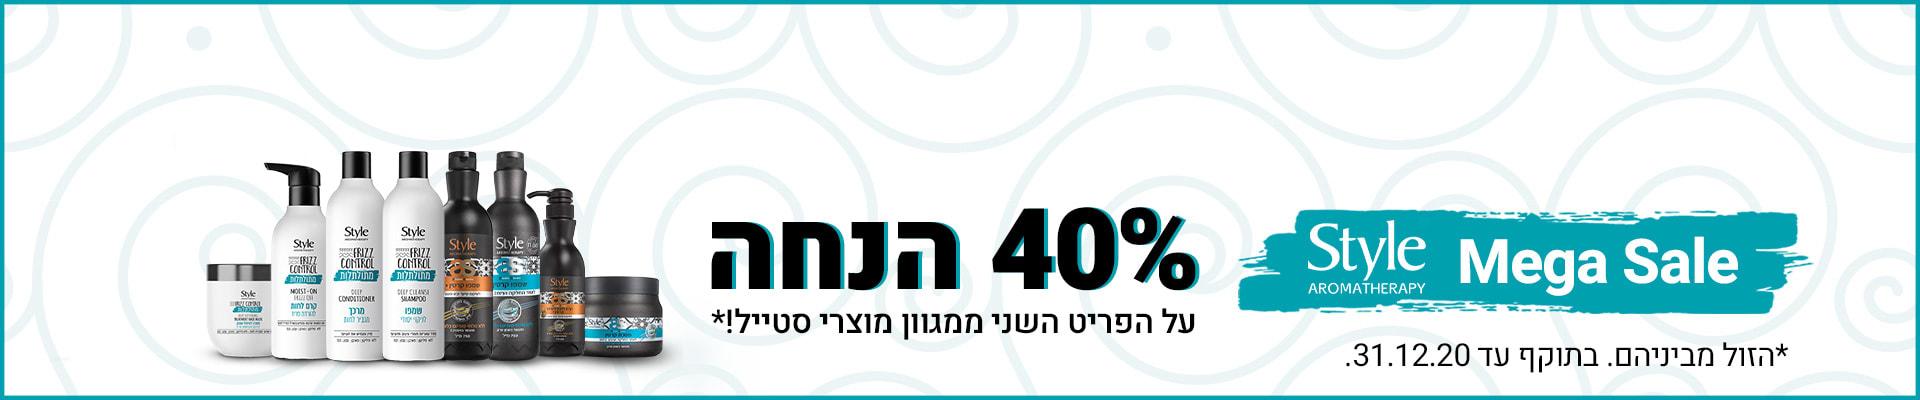 STYLE MEGA SALE 40% הנחה על הפריט השני ממגוון מוצרי סטייל. הזול מבניהם. בתוקף עד 31.12.2020